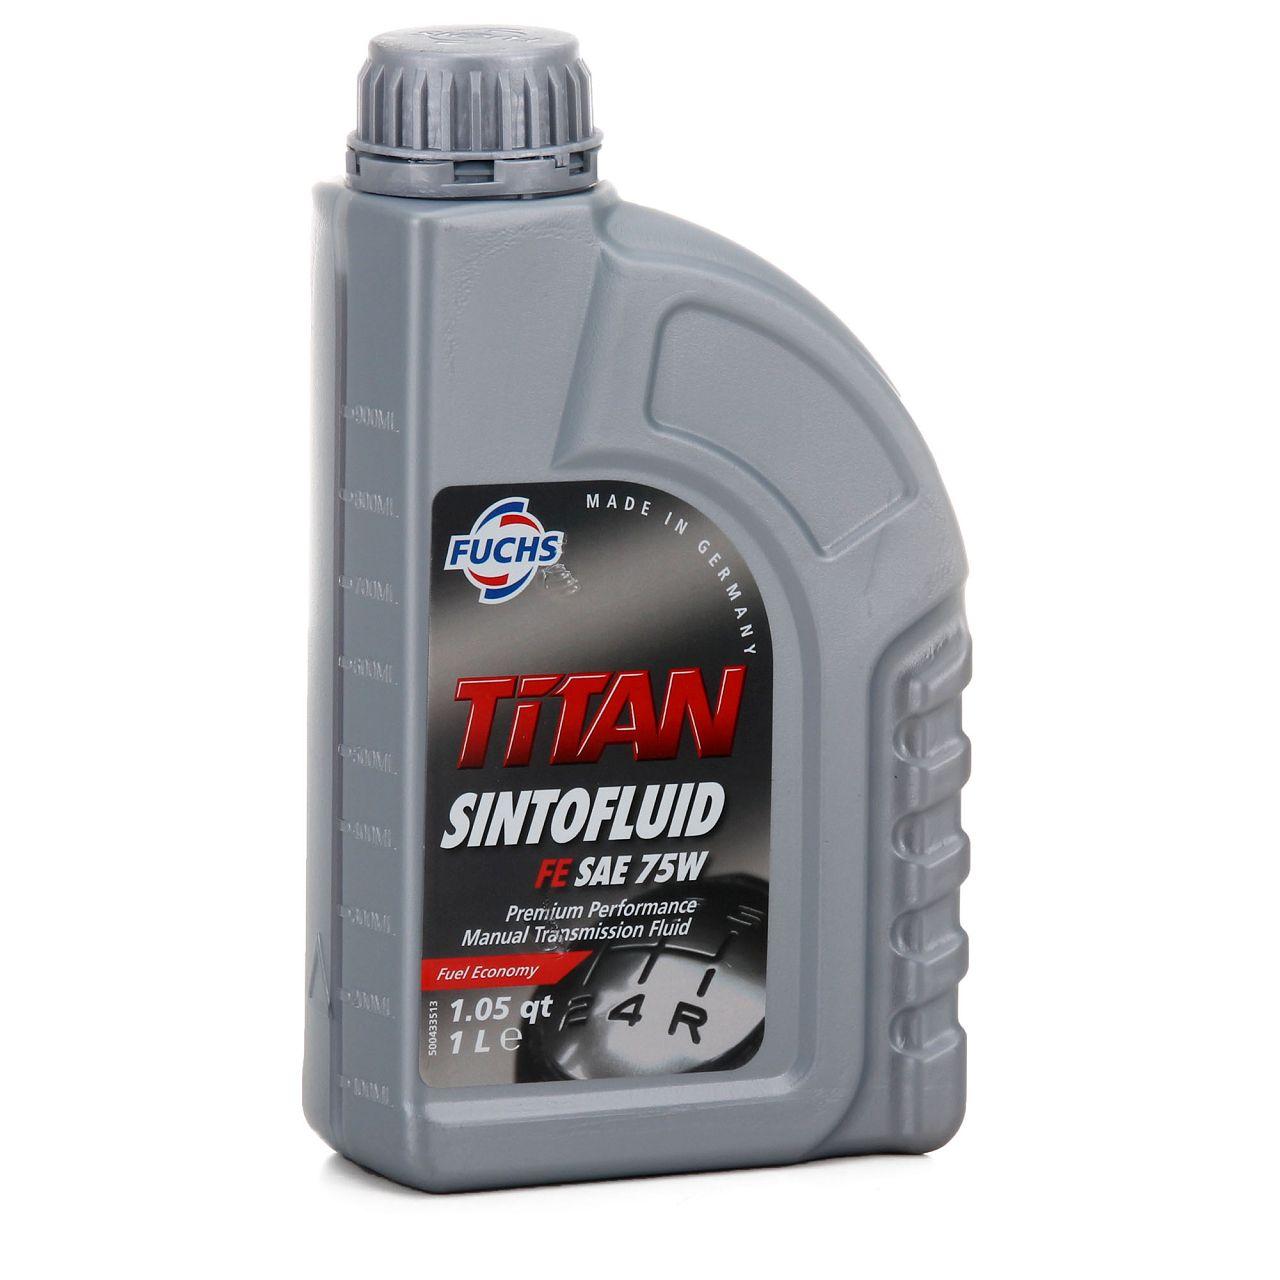 FUCHS Getriebeöl Schaltgetriebeöl TITAN Sintofluid FE SAE 75W API GL-4 - 1 Liter